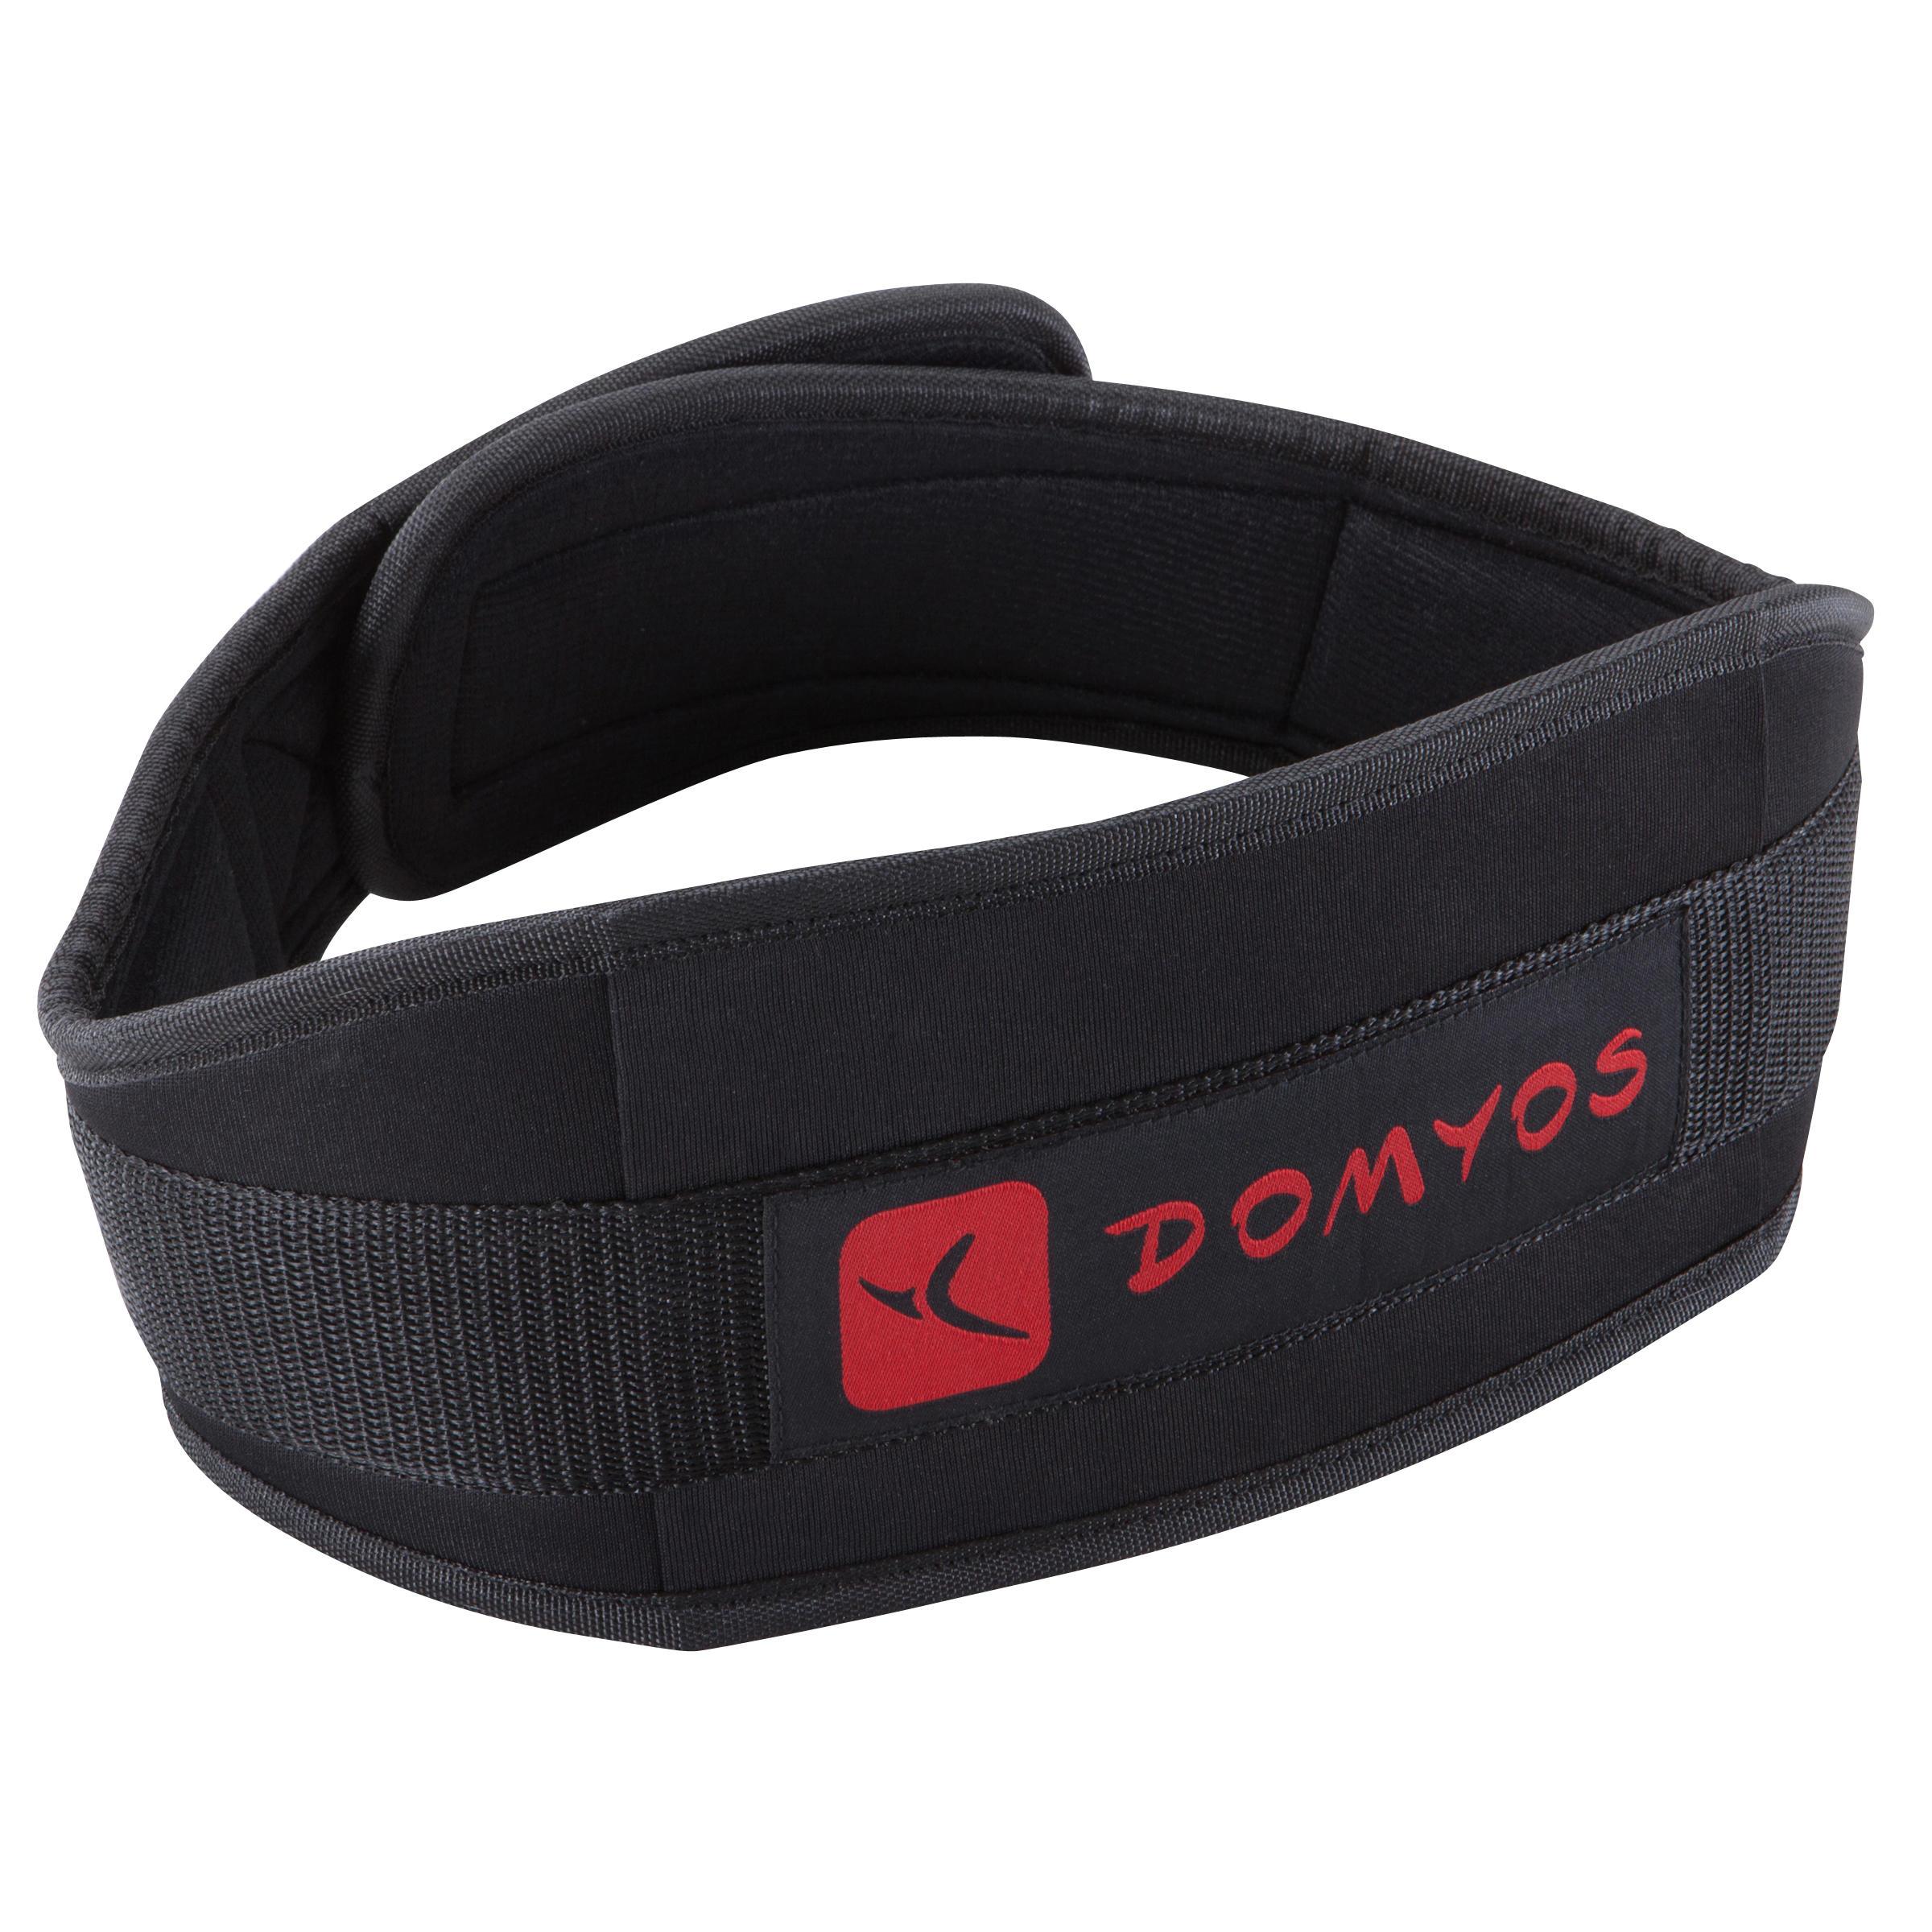 Weight Training Lumbar Belt - Poliester